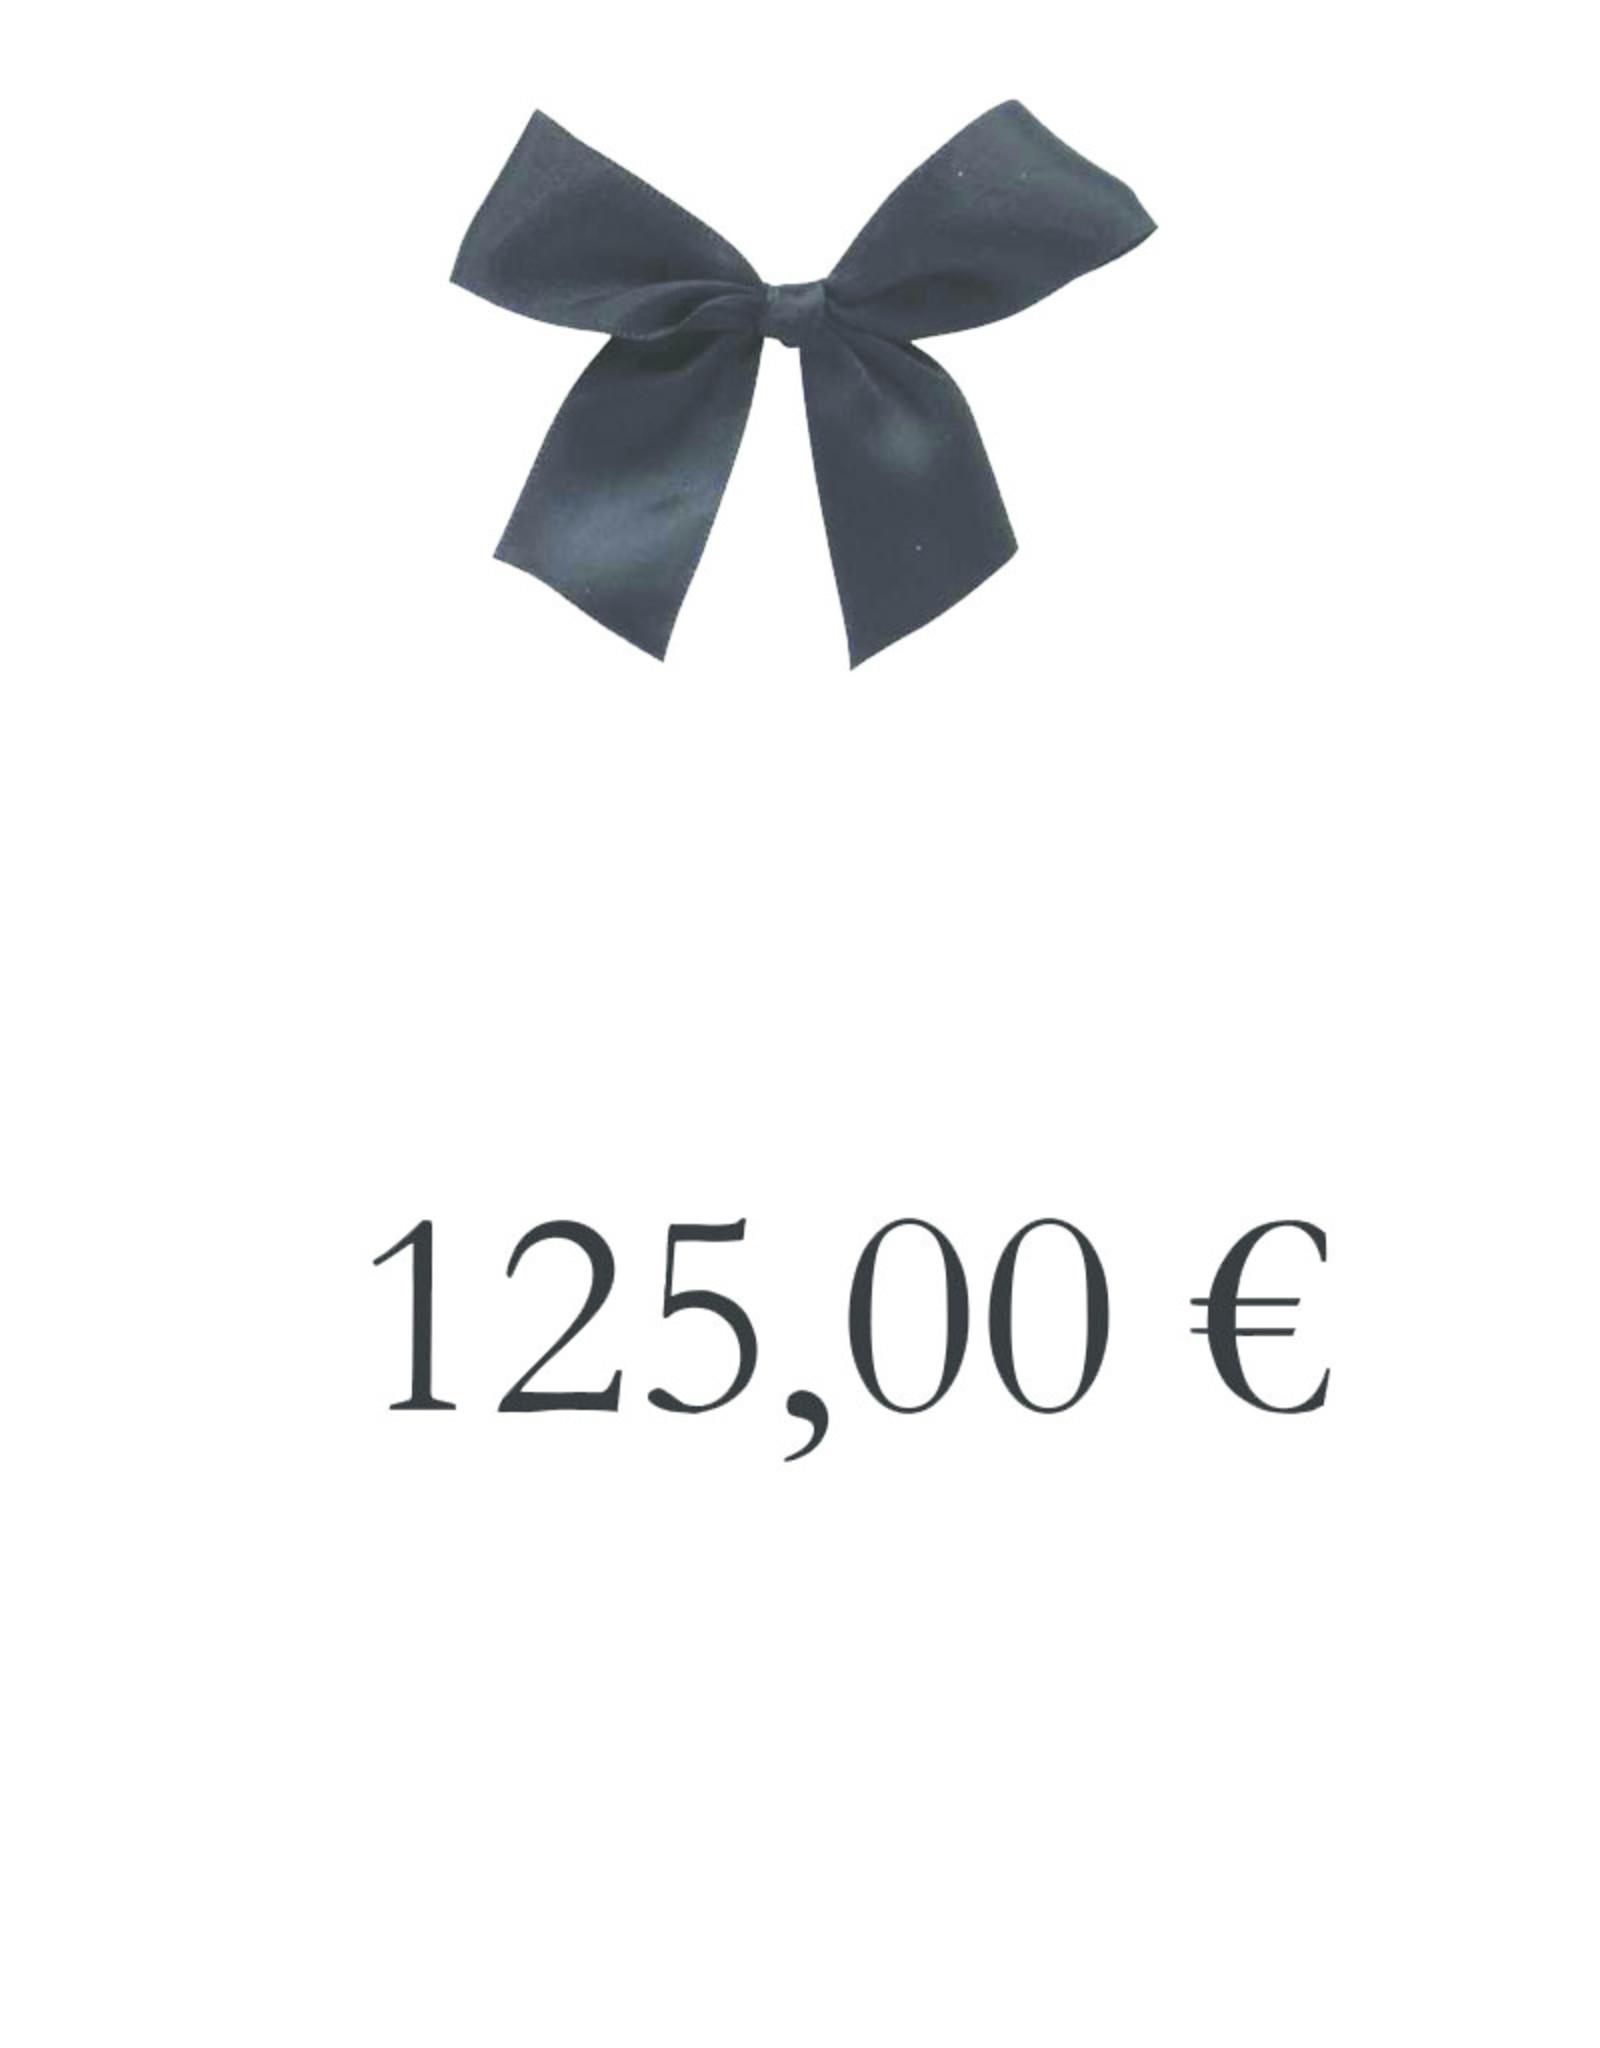 CADEAUBON 125 €